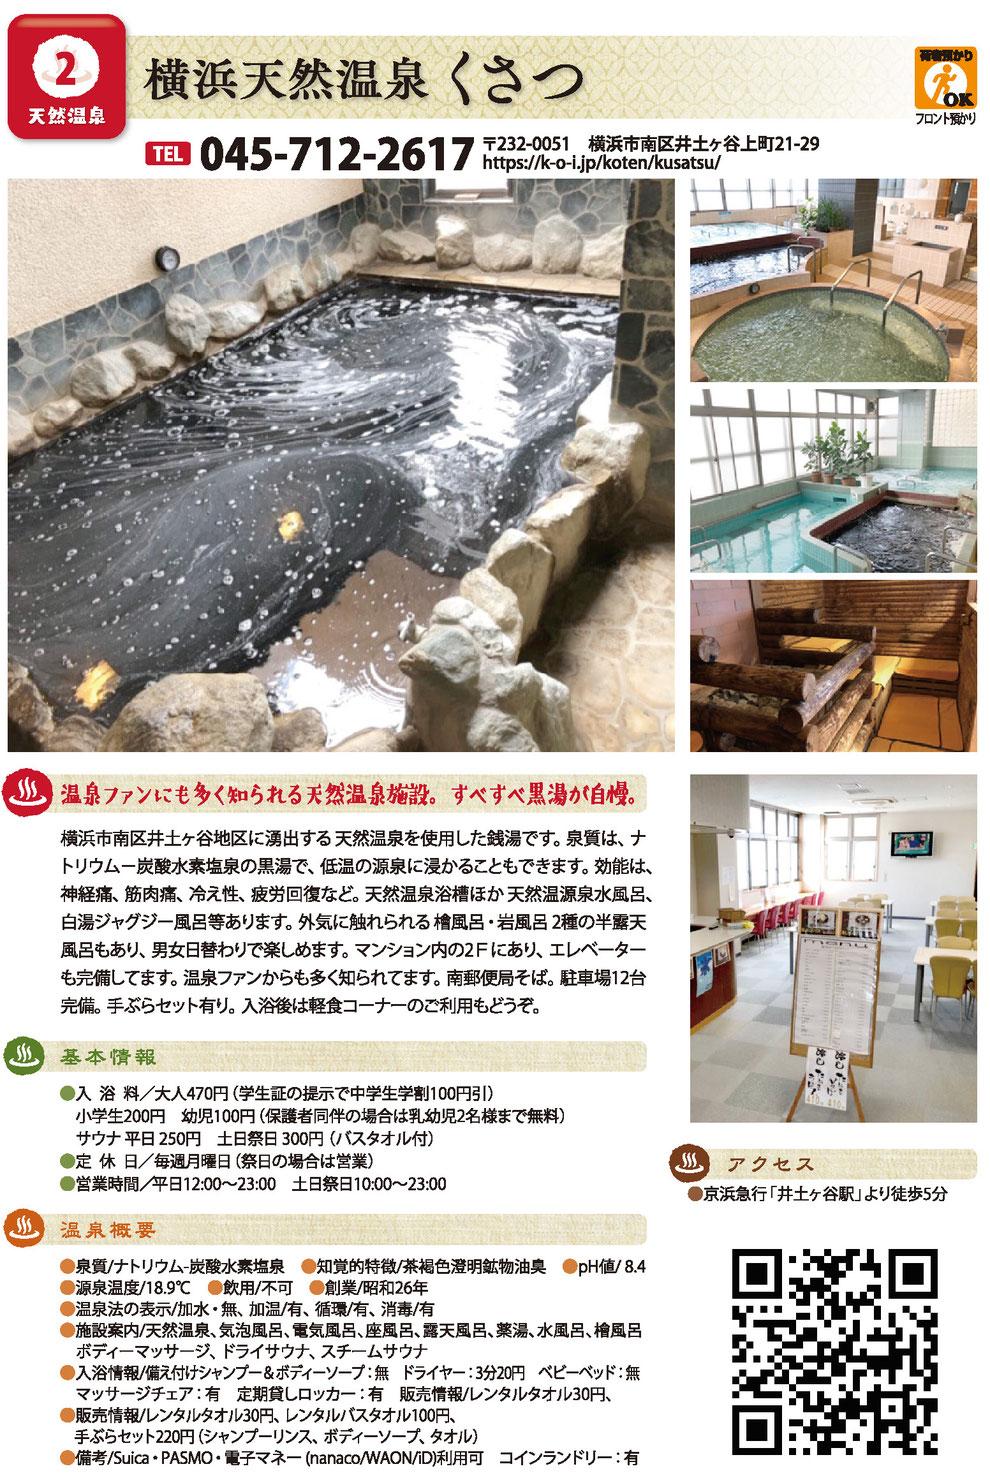 横浜天然温泉くさつ